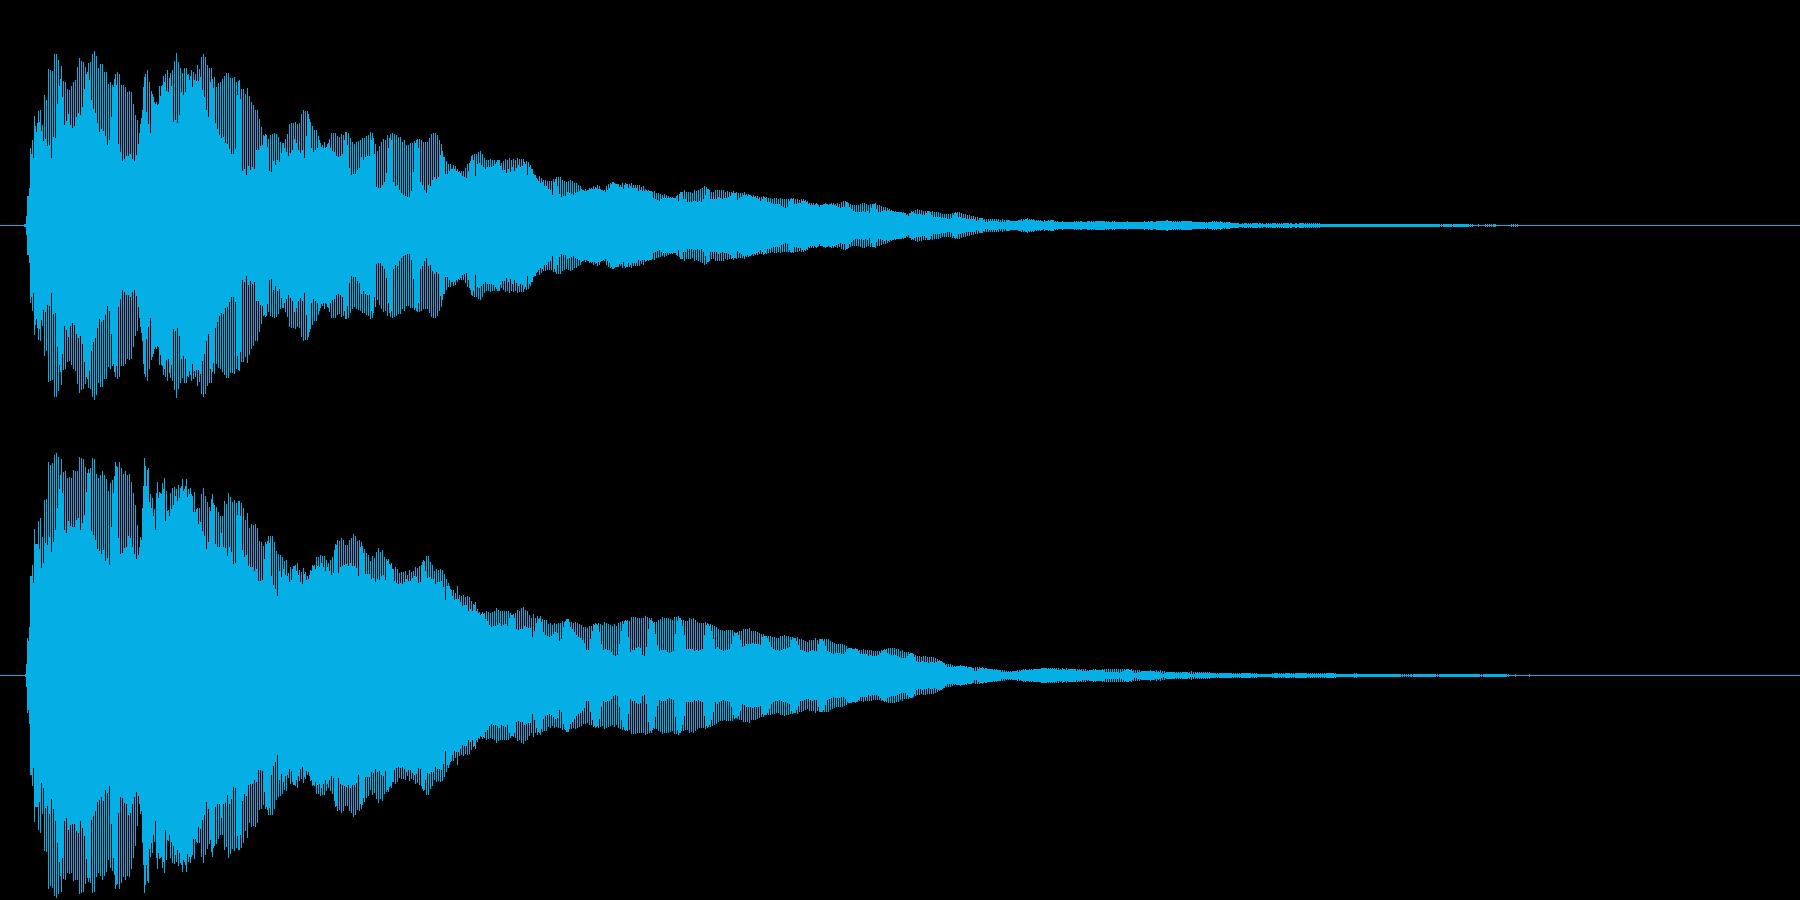 ティティーン(ピアノジングル:中音)の再生済みの波形